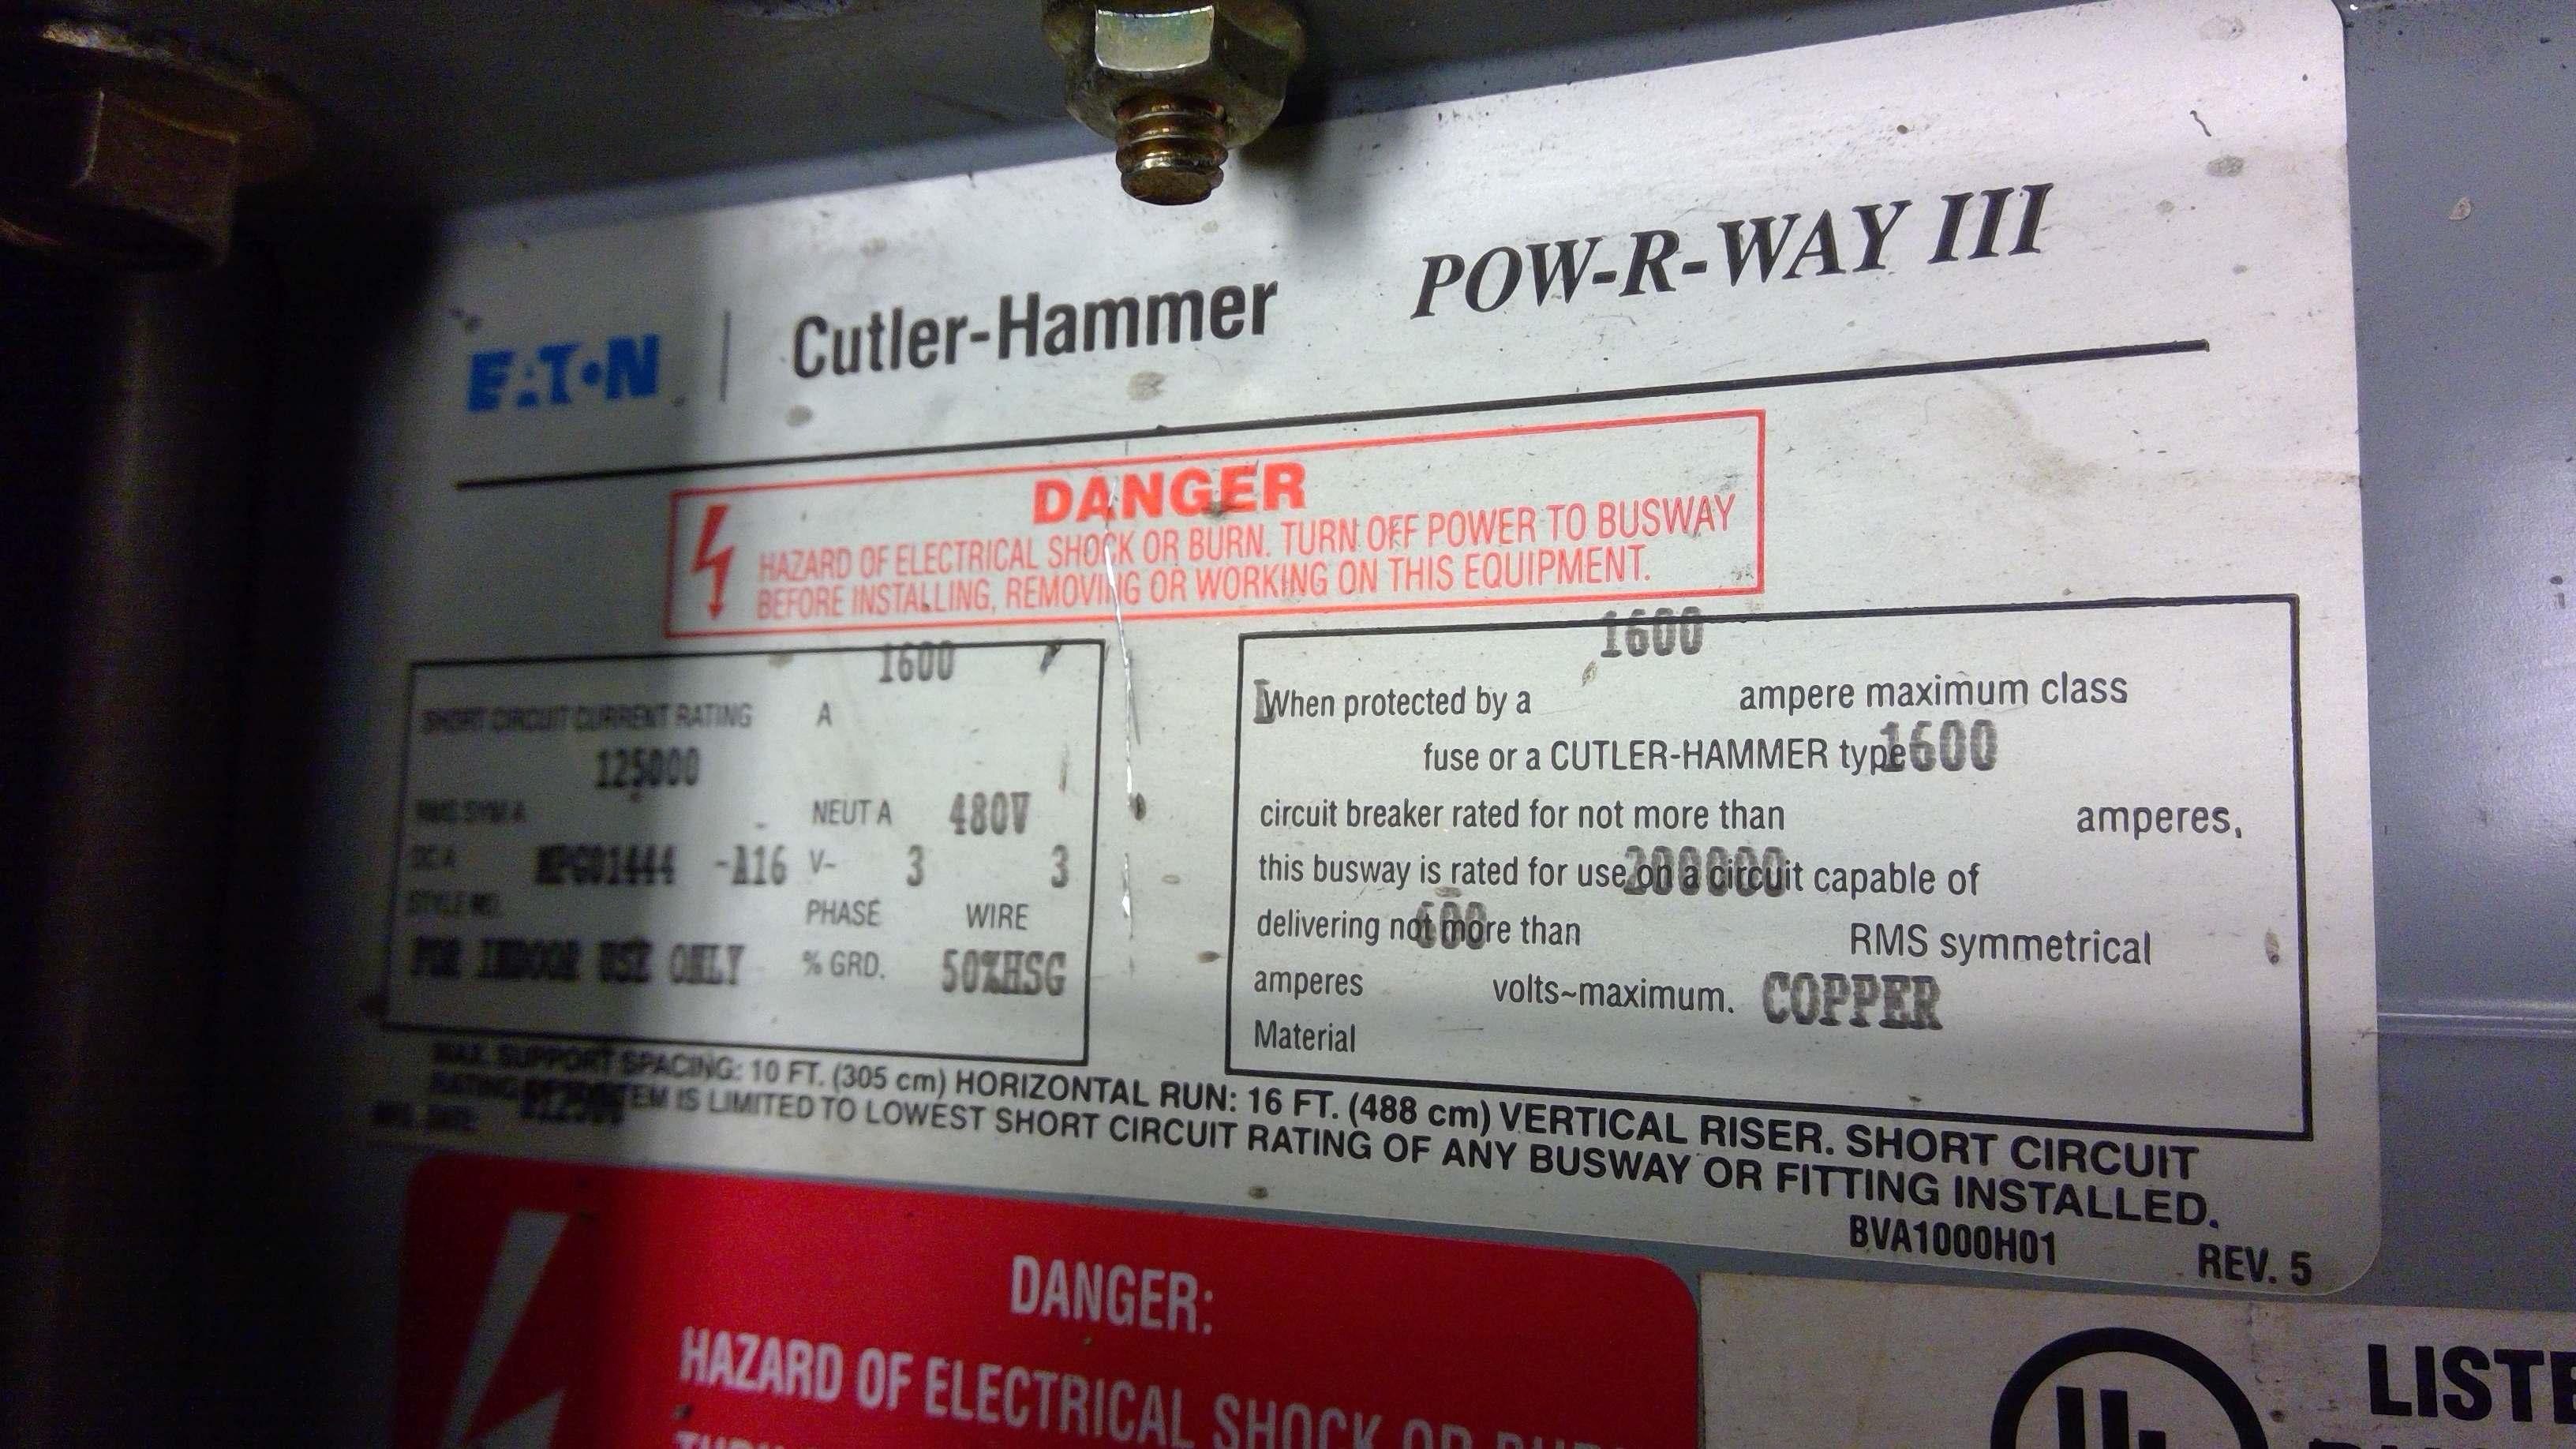 EATON CUTLER-HAMMER POW-R-WAY III ELBOW